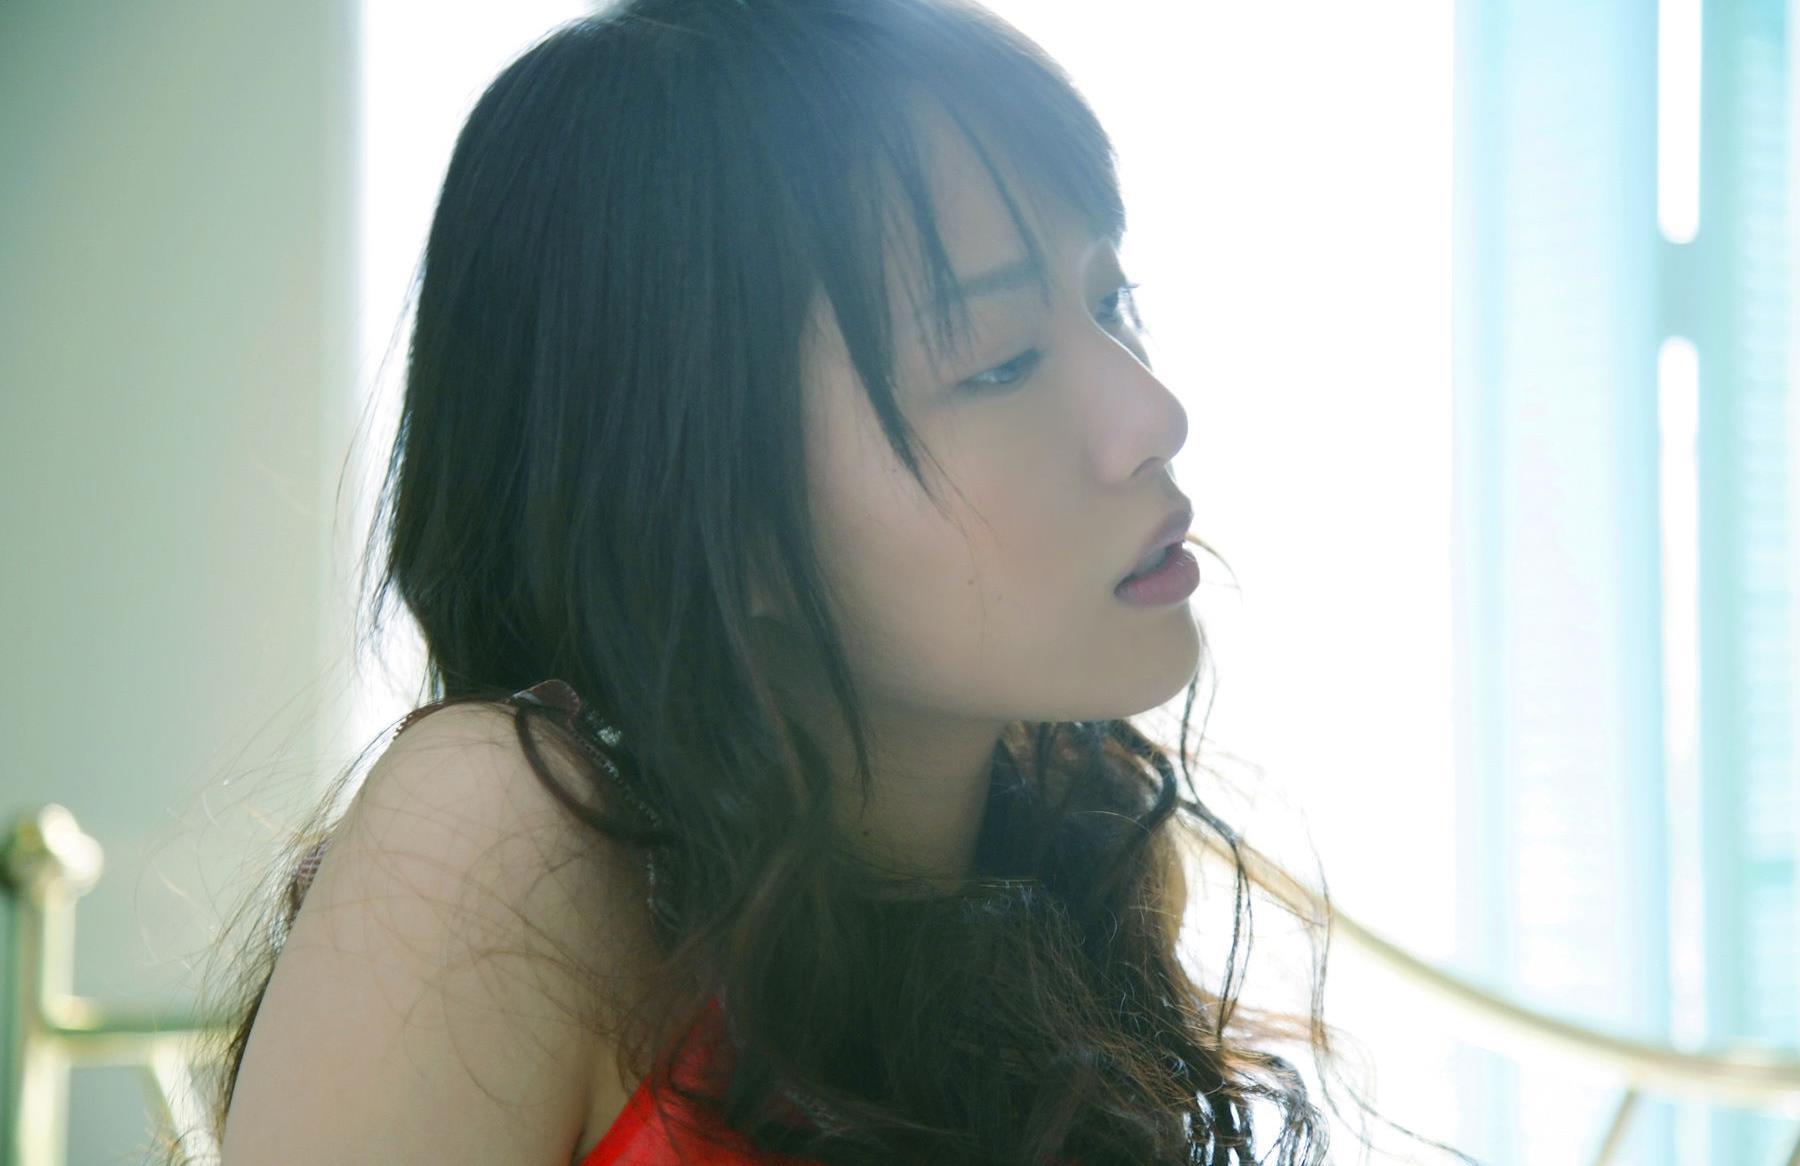 戸田恵梨香 エロ画像 64